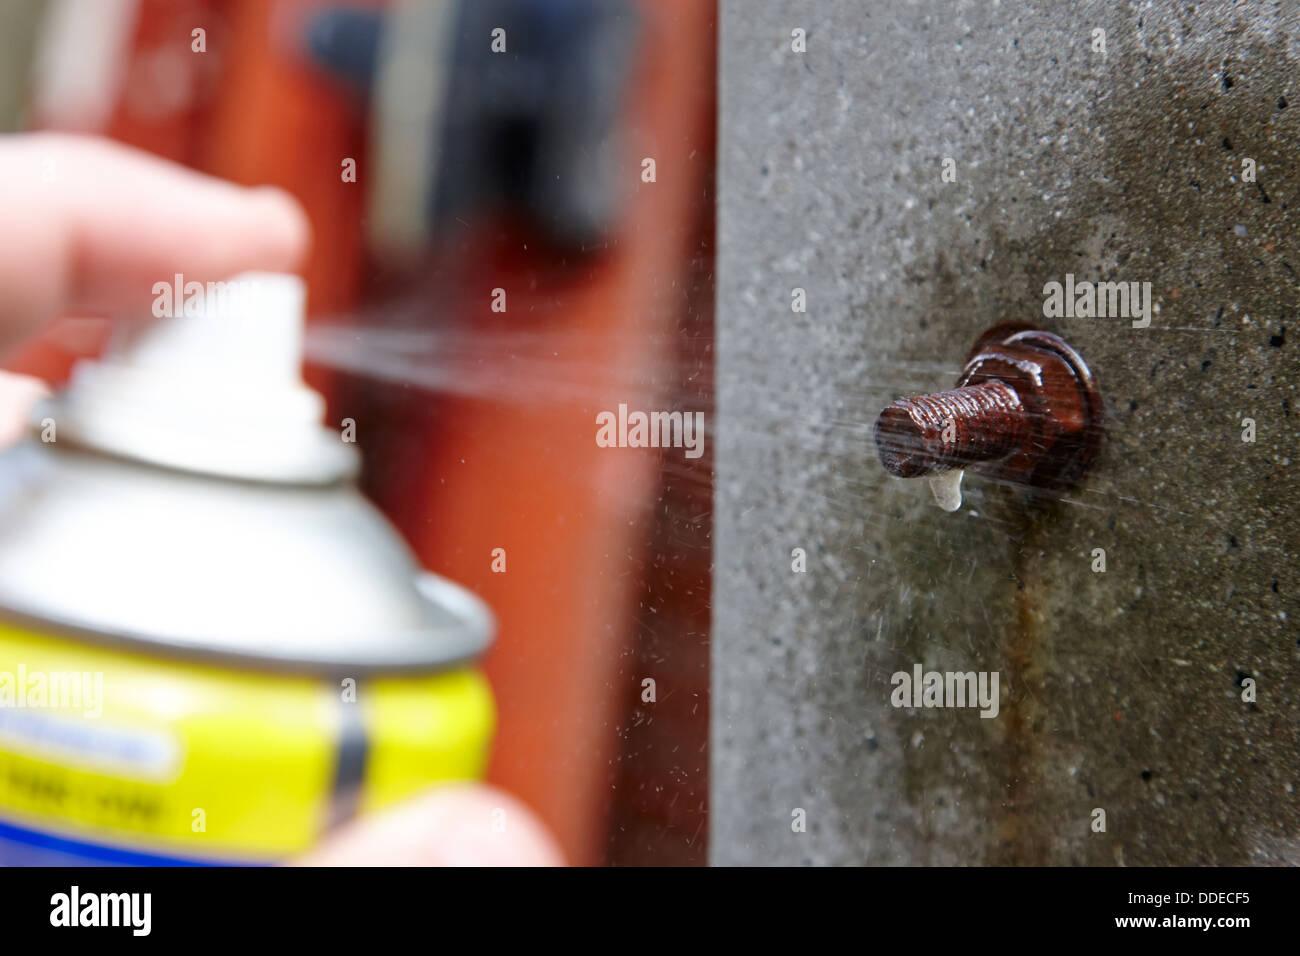 L'uomo la spruzzatura di bullone arrugginito con liquido penetrante Immagini Stock